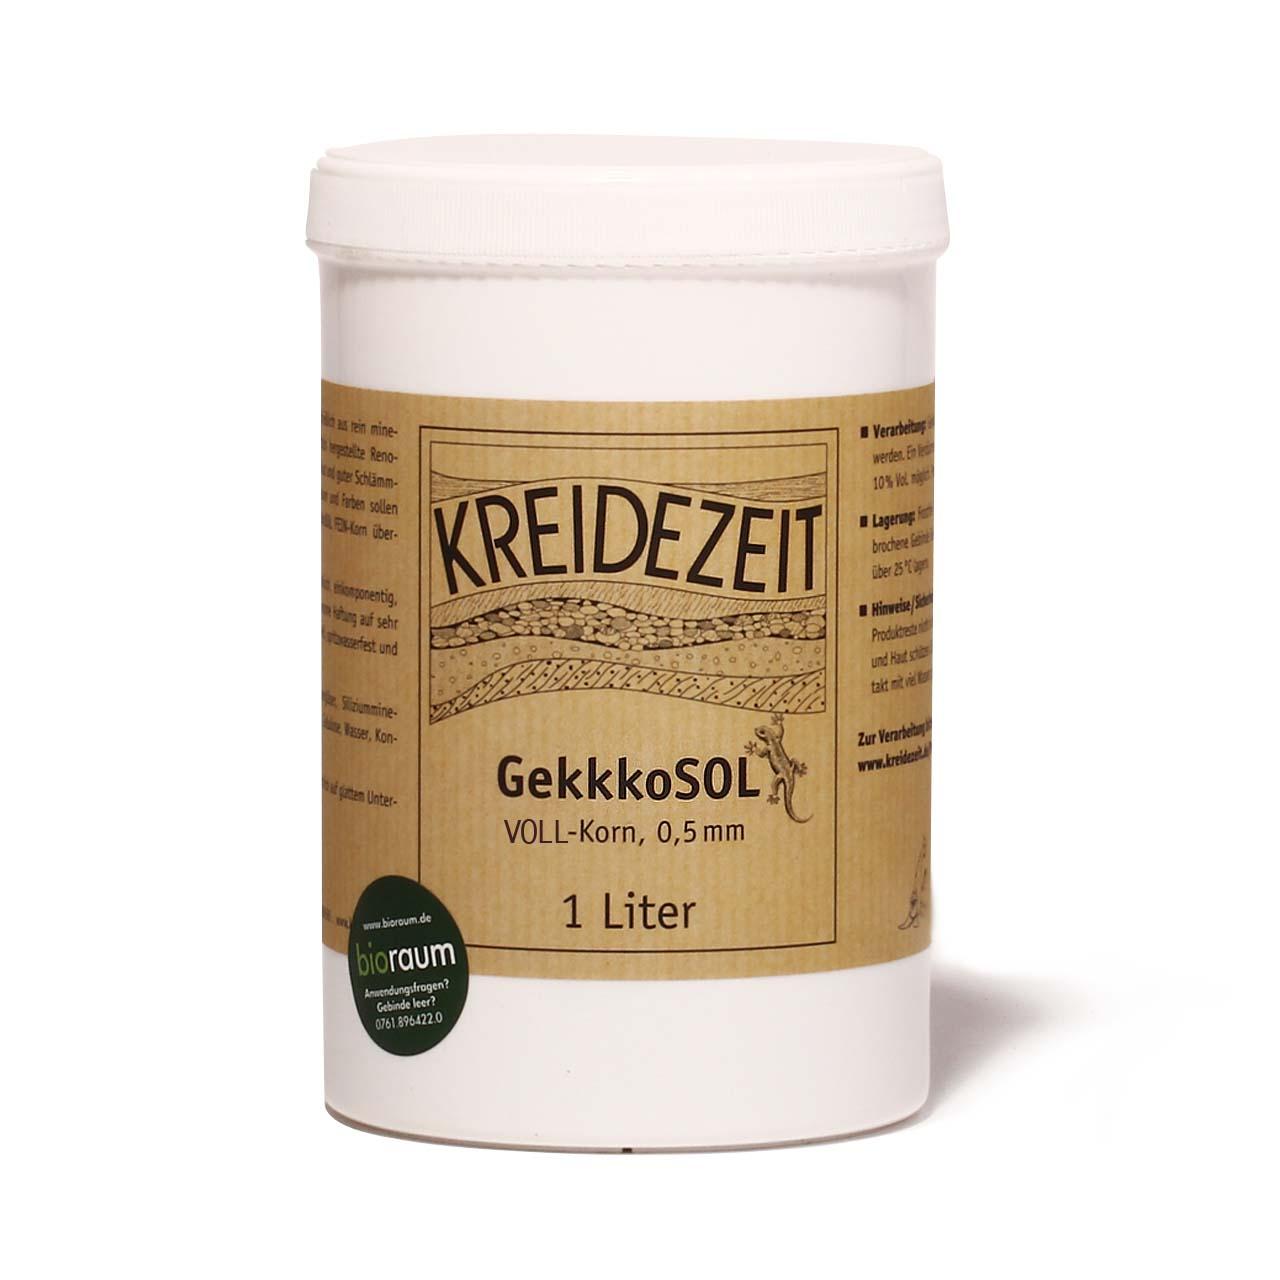 KREIDEZEIT GekkkoSOL Voll-Korn